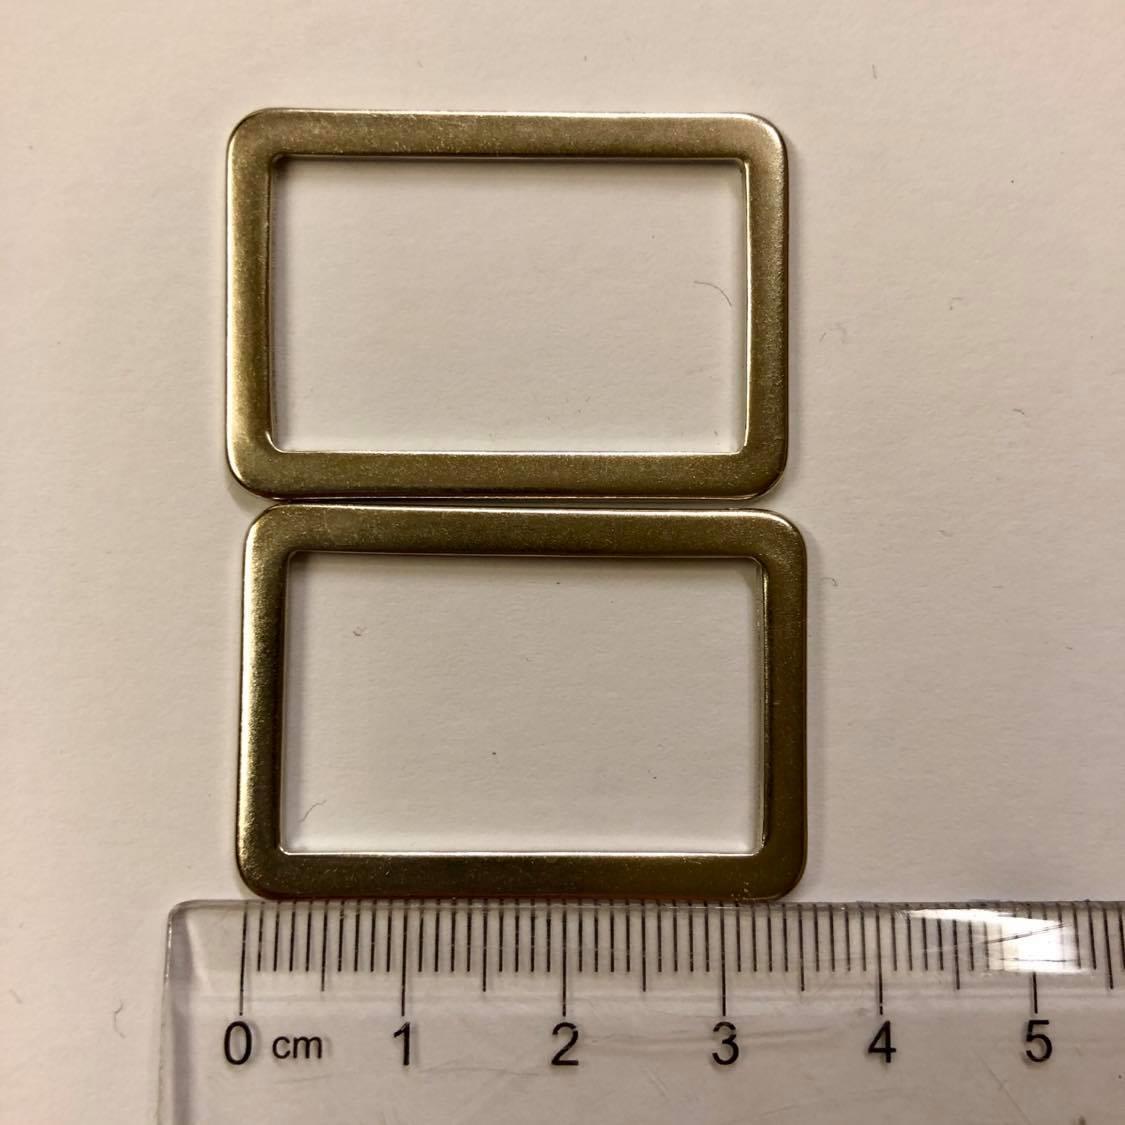 2 x veskespenner, sølv, 3,5 cm